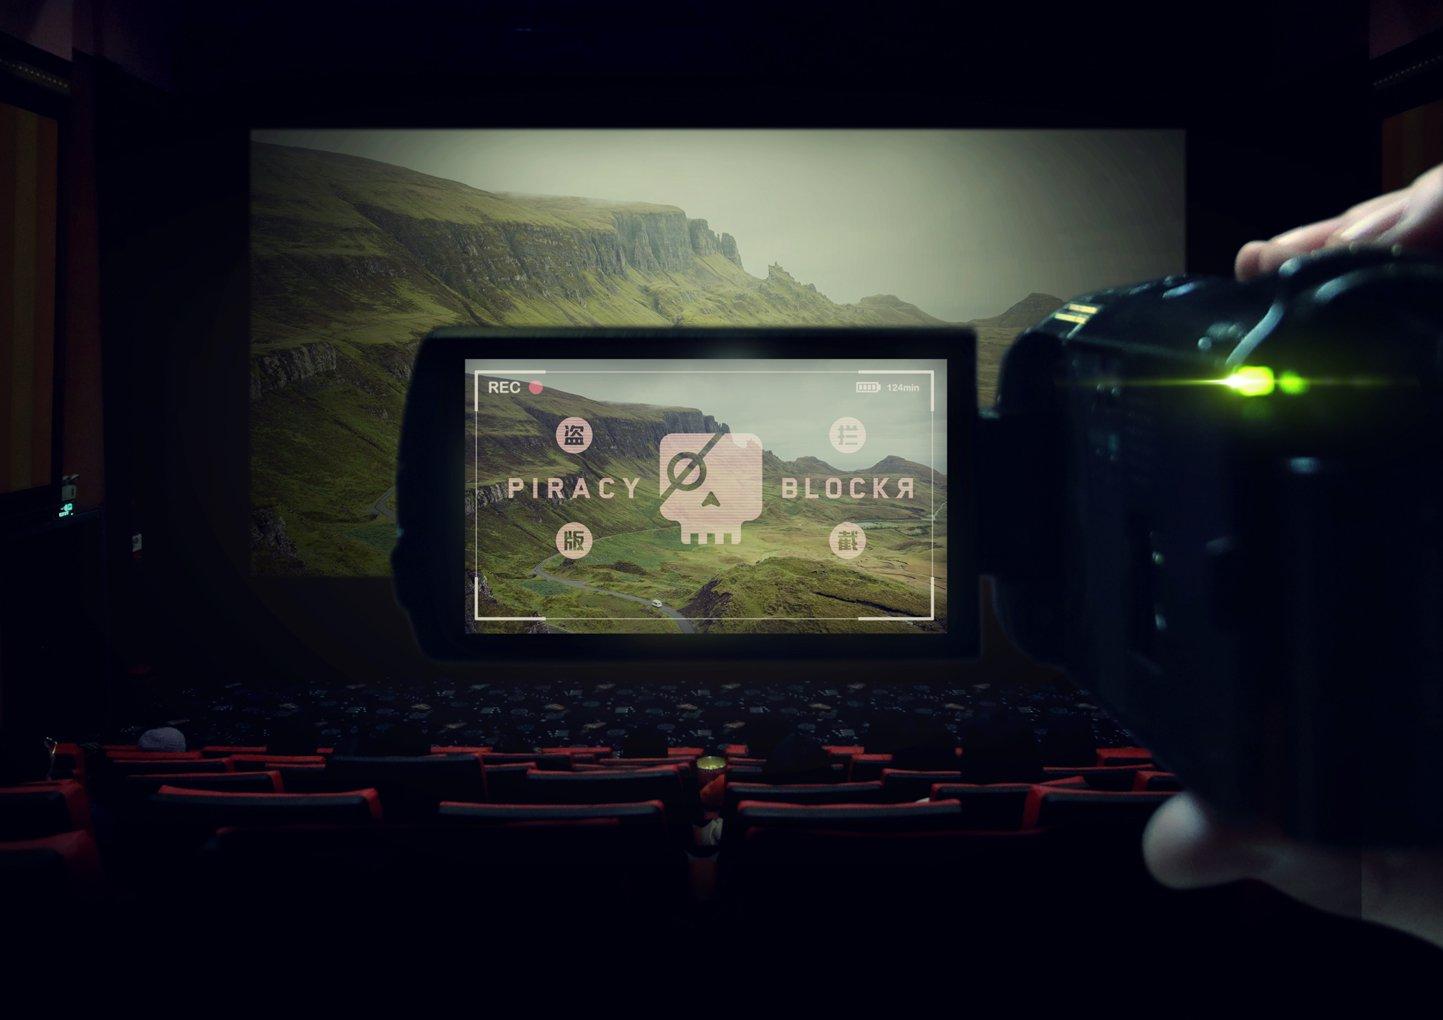 ¿Existe un sistema antipiratería capaz de acabar con la grabación de películas en cines? 32